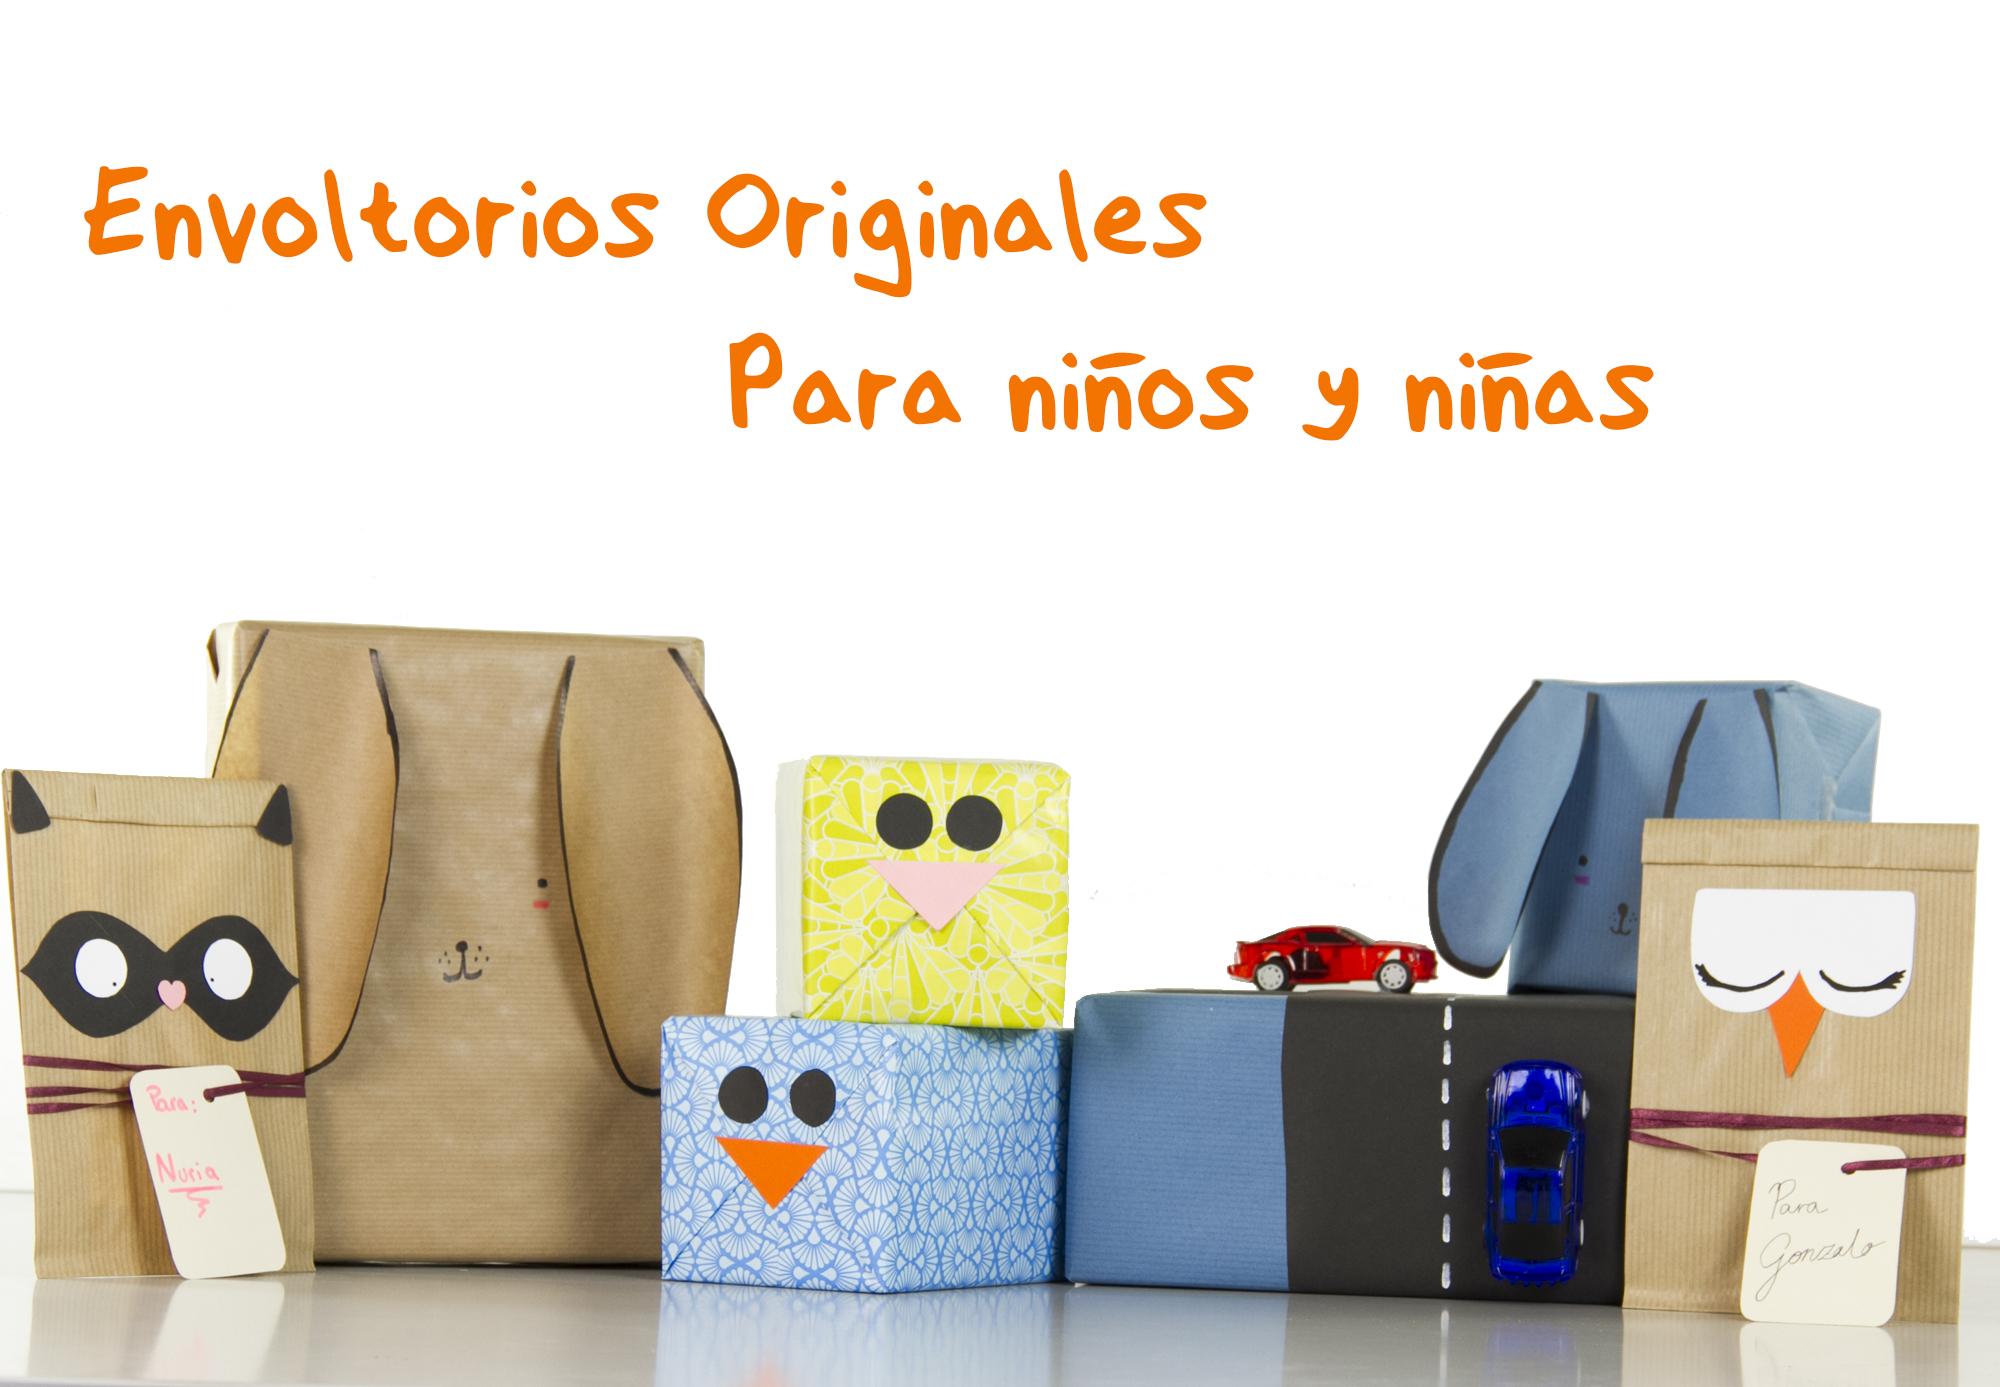 Originales para nios amazing with originales para nios for Envoltorios regalos originales